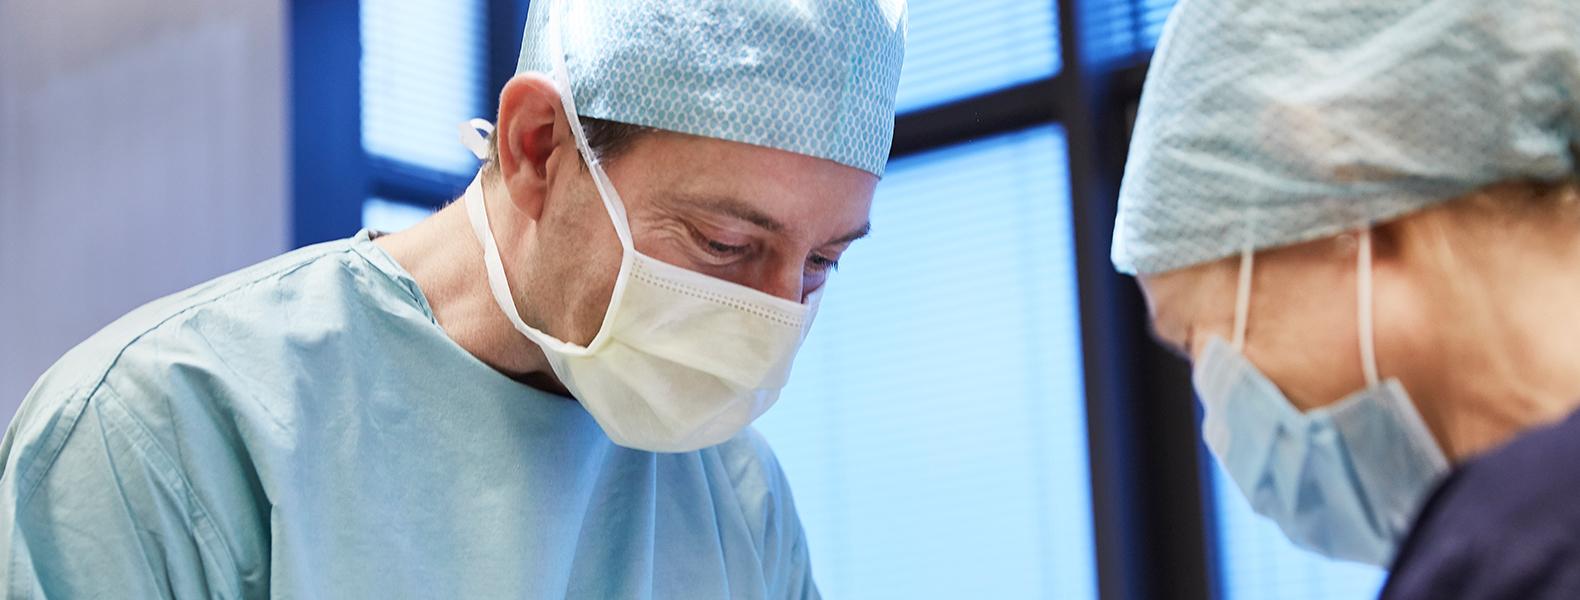 Notre clinique spécialisée dans la chirurgie du lipodème